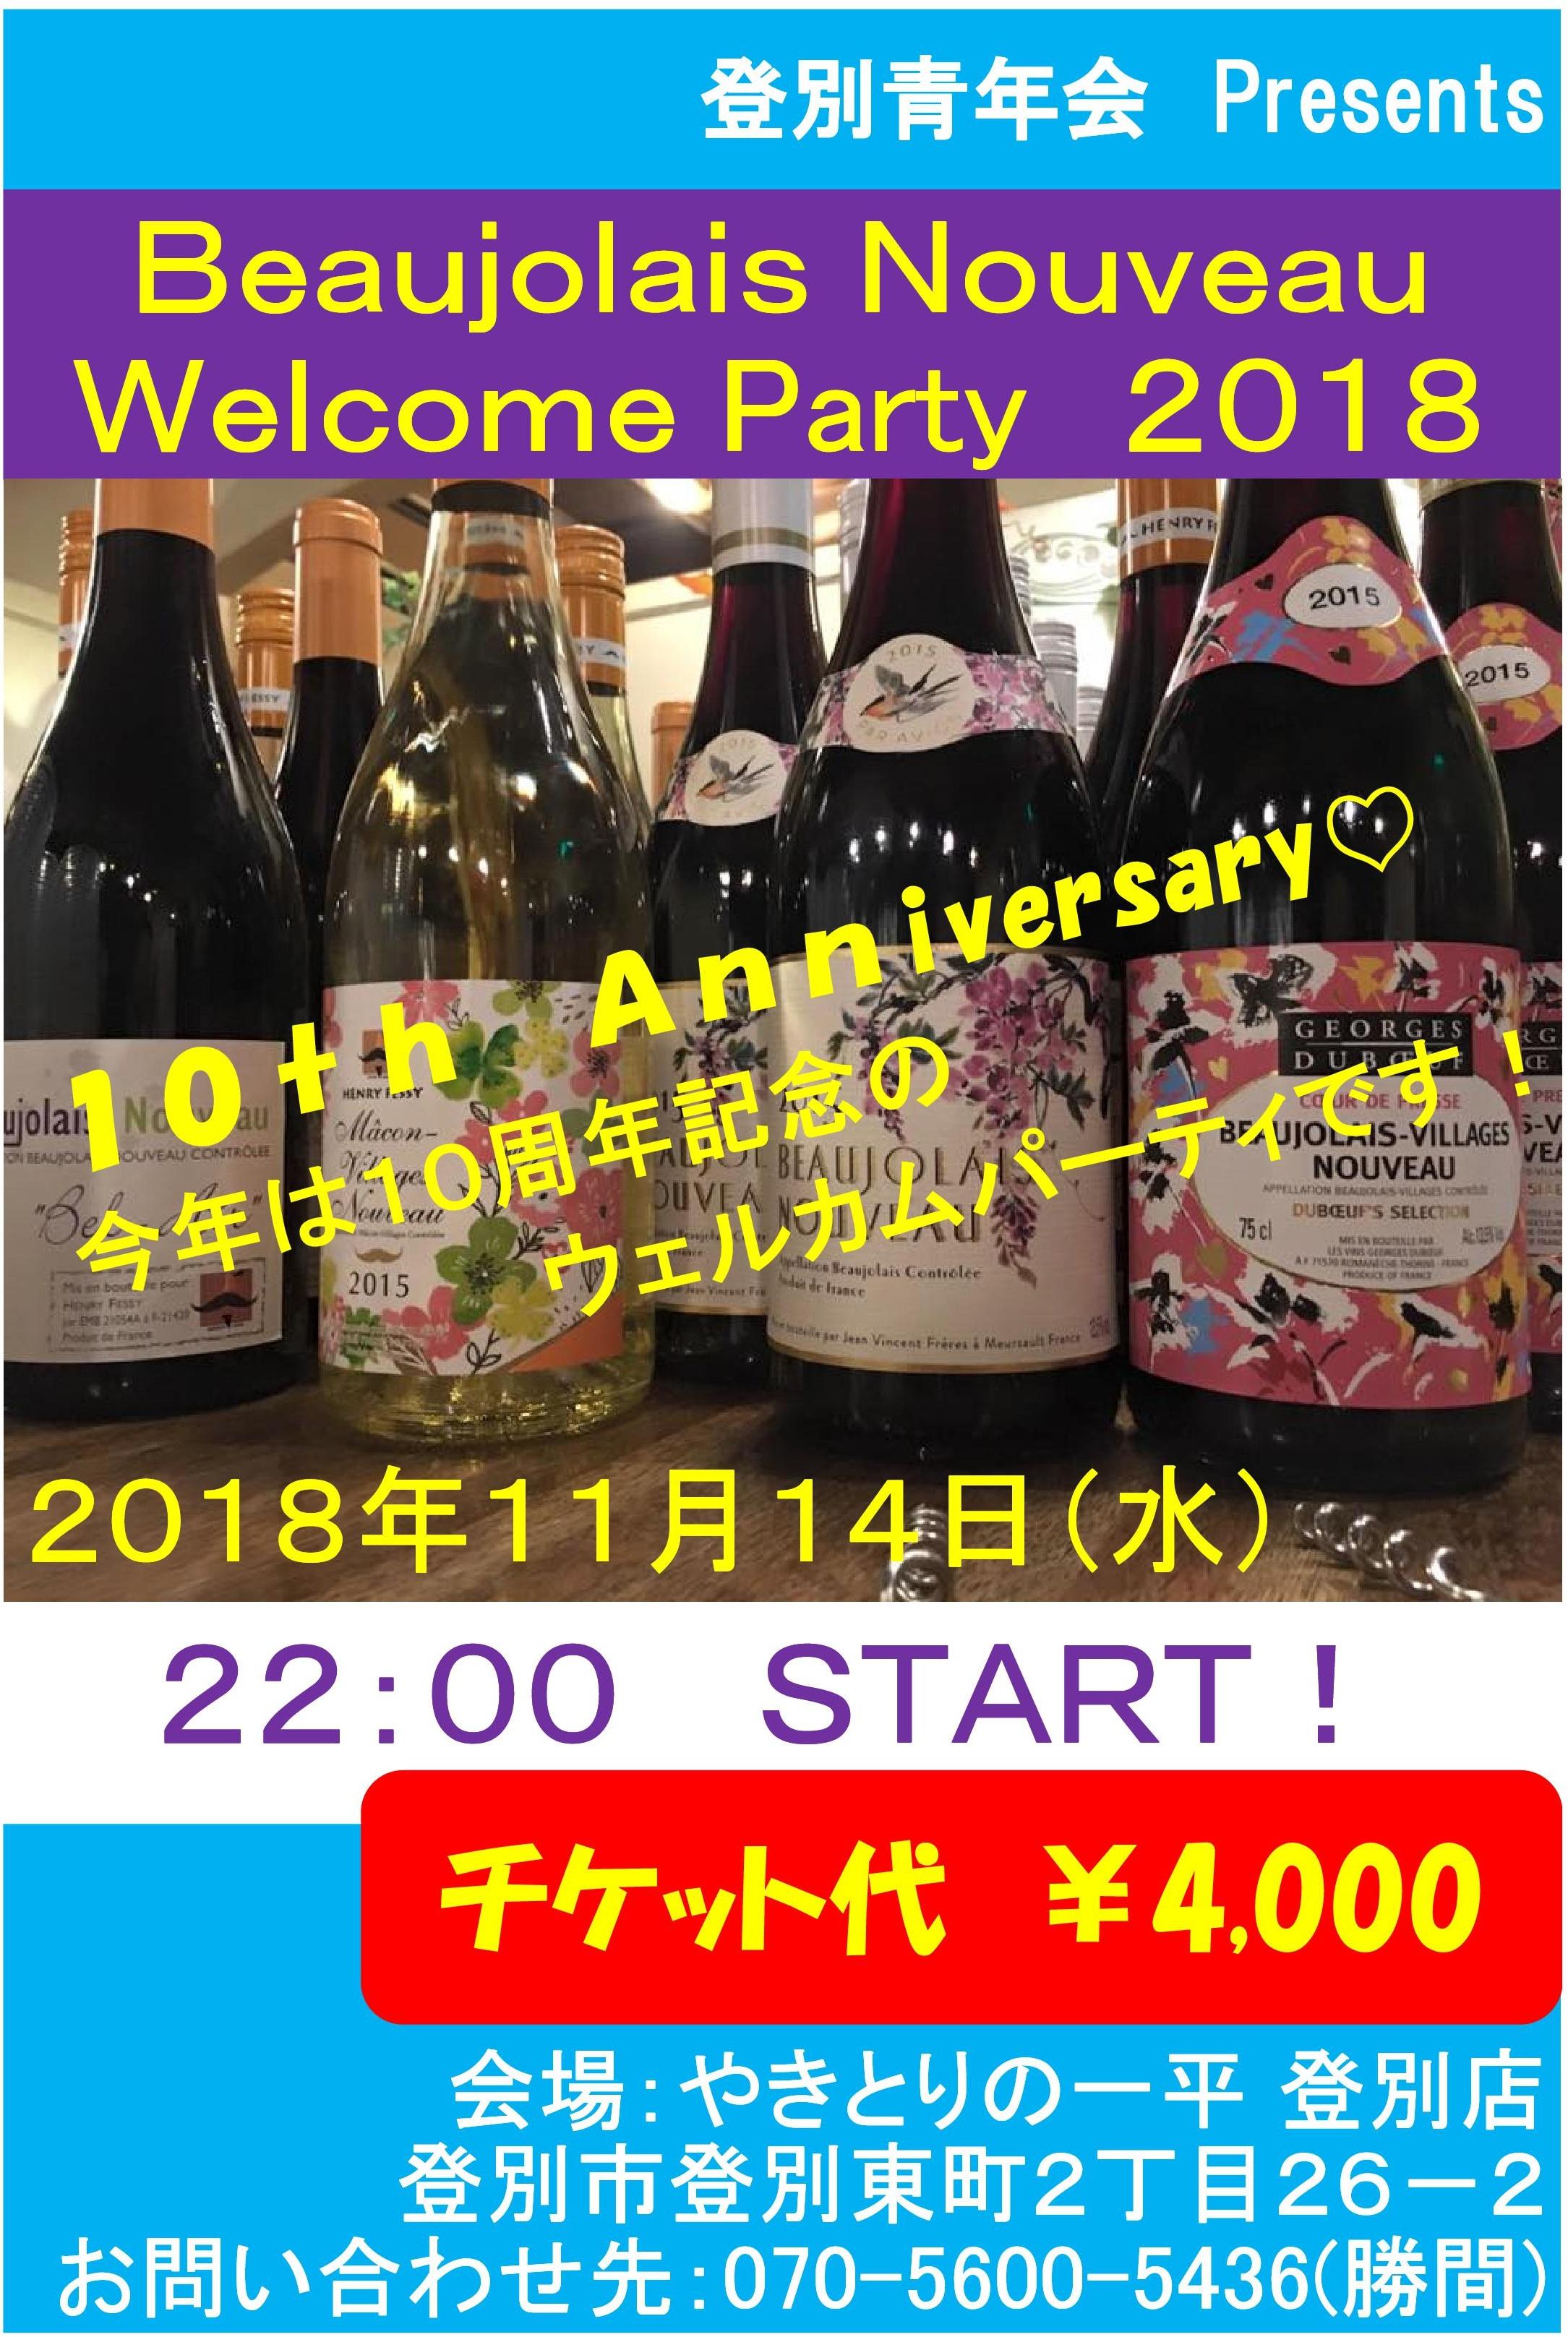 20181101070449719.jpg